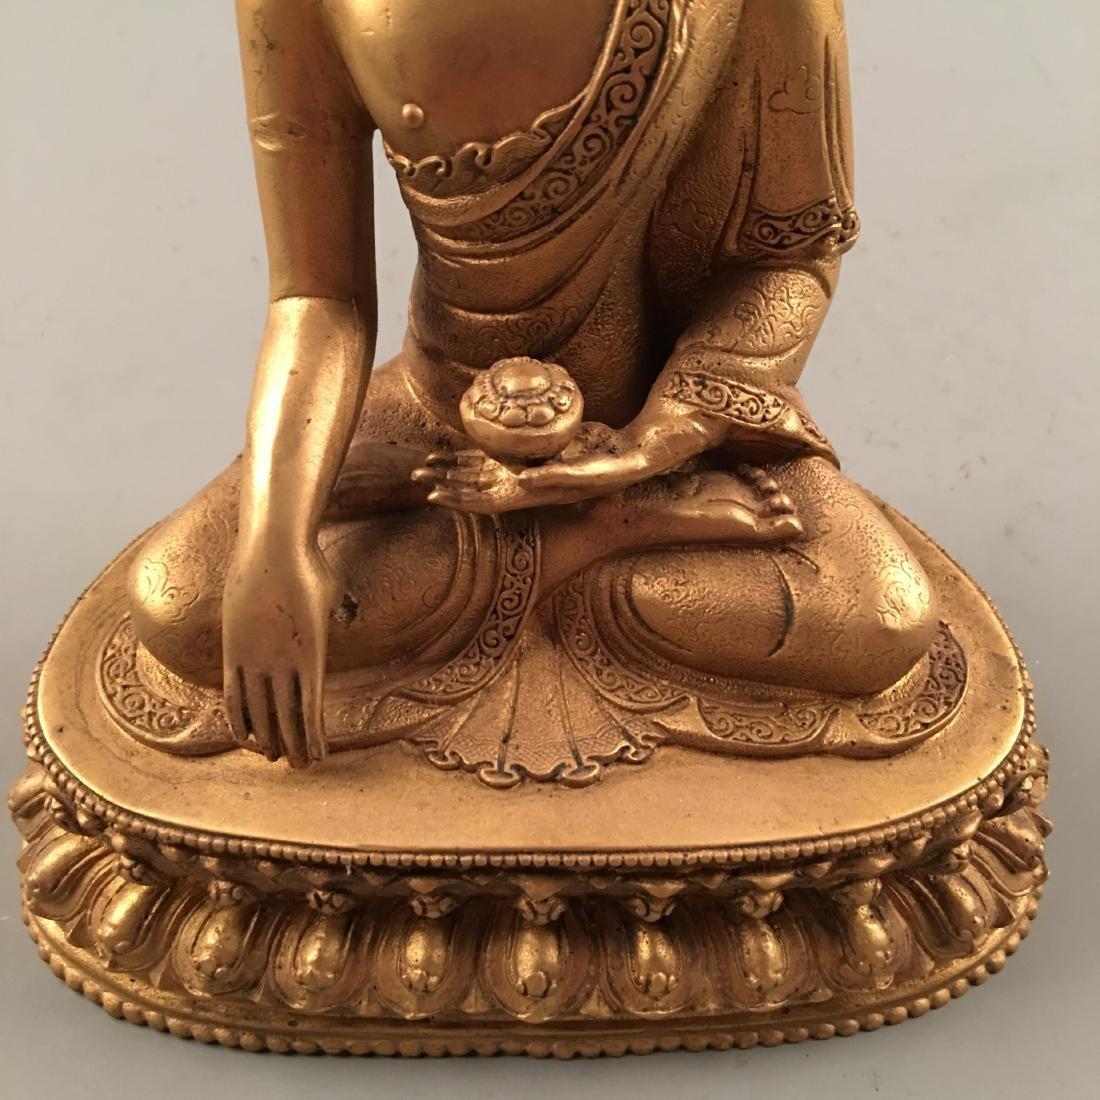 Chinese Gilt Bronze Buddha Statue - 8